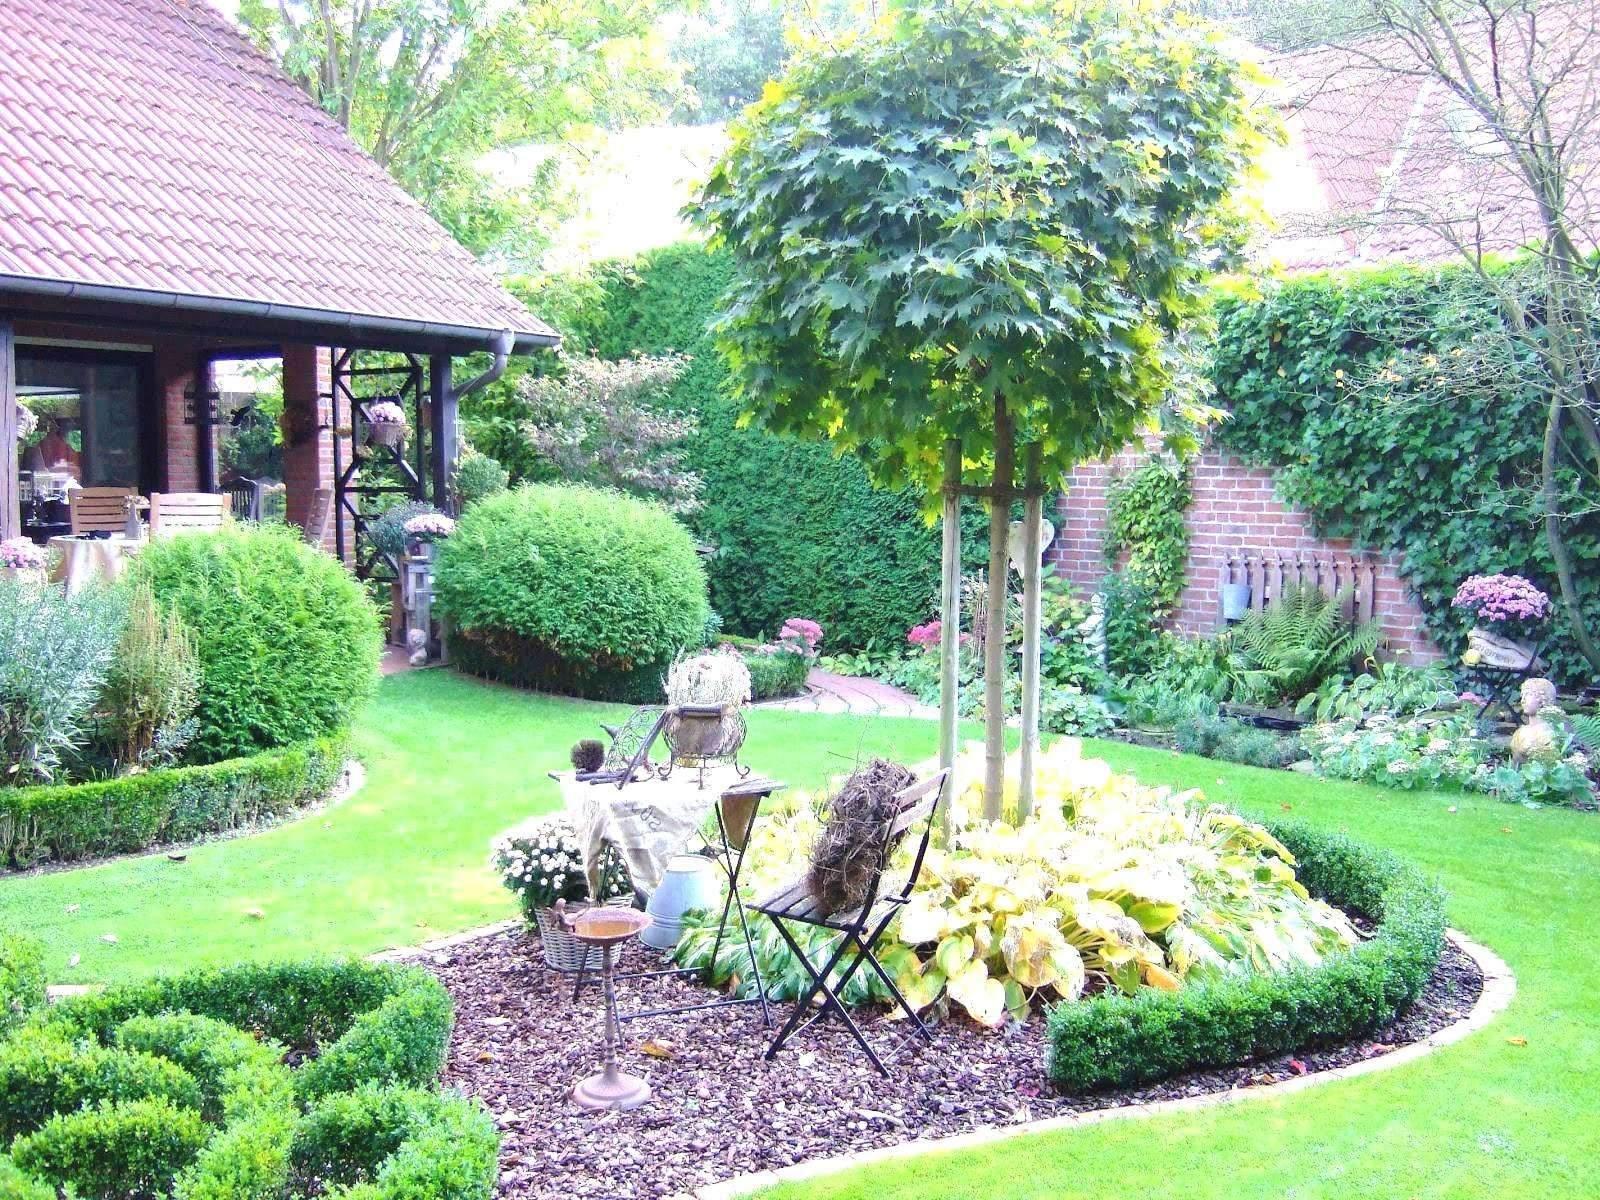 Garten Neu Anlegen Genial Garten Ideas Garten Anlegen Inspirational Aussenleuchten